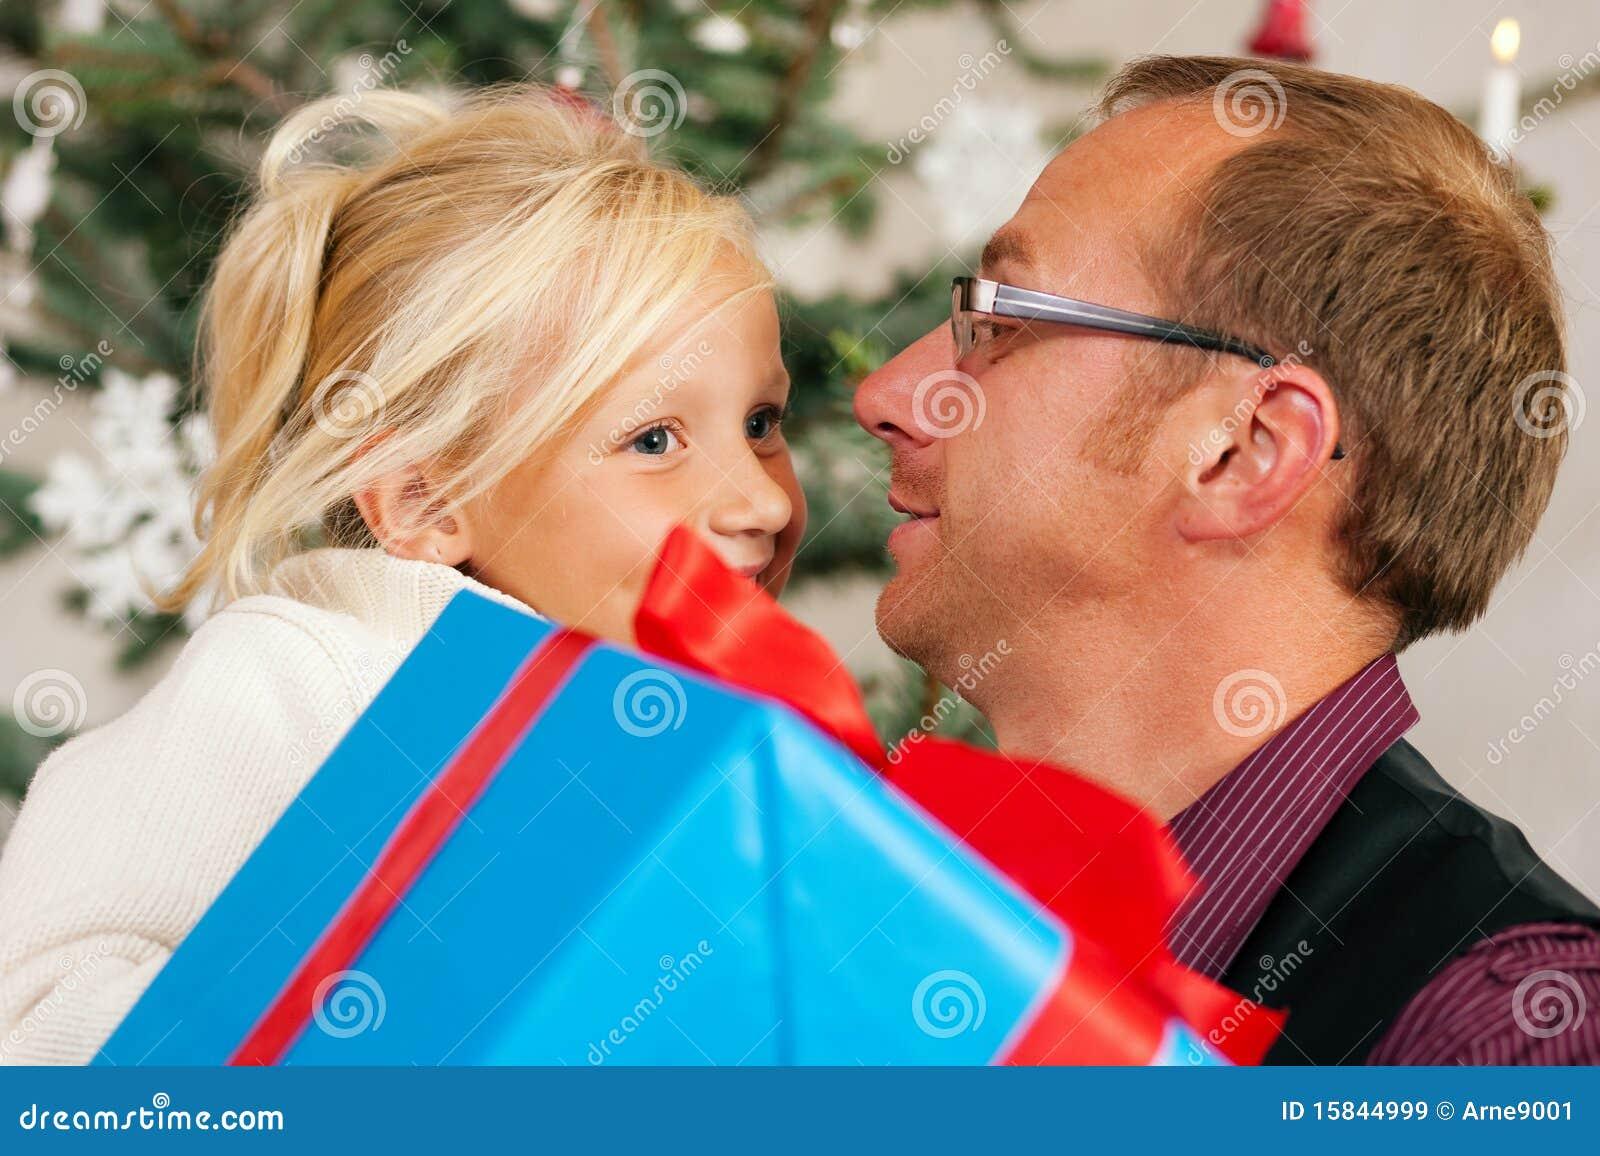 Weihnachten - Kind, Das Ein Geschenk Empfängt Stockbild - Bild von ...